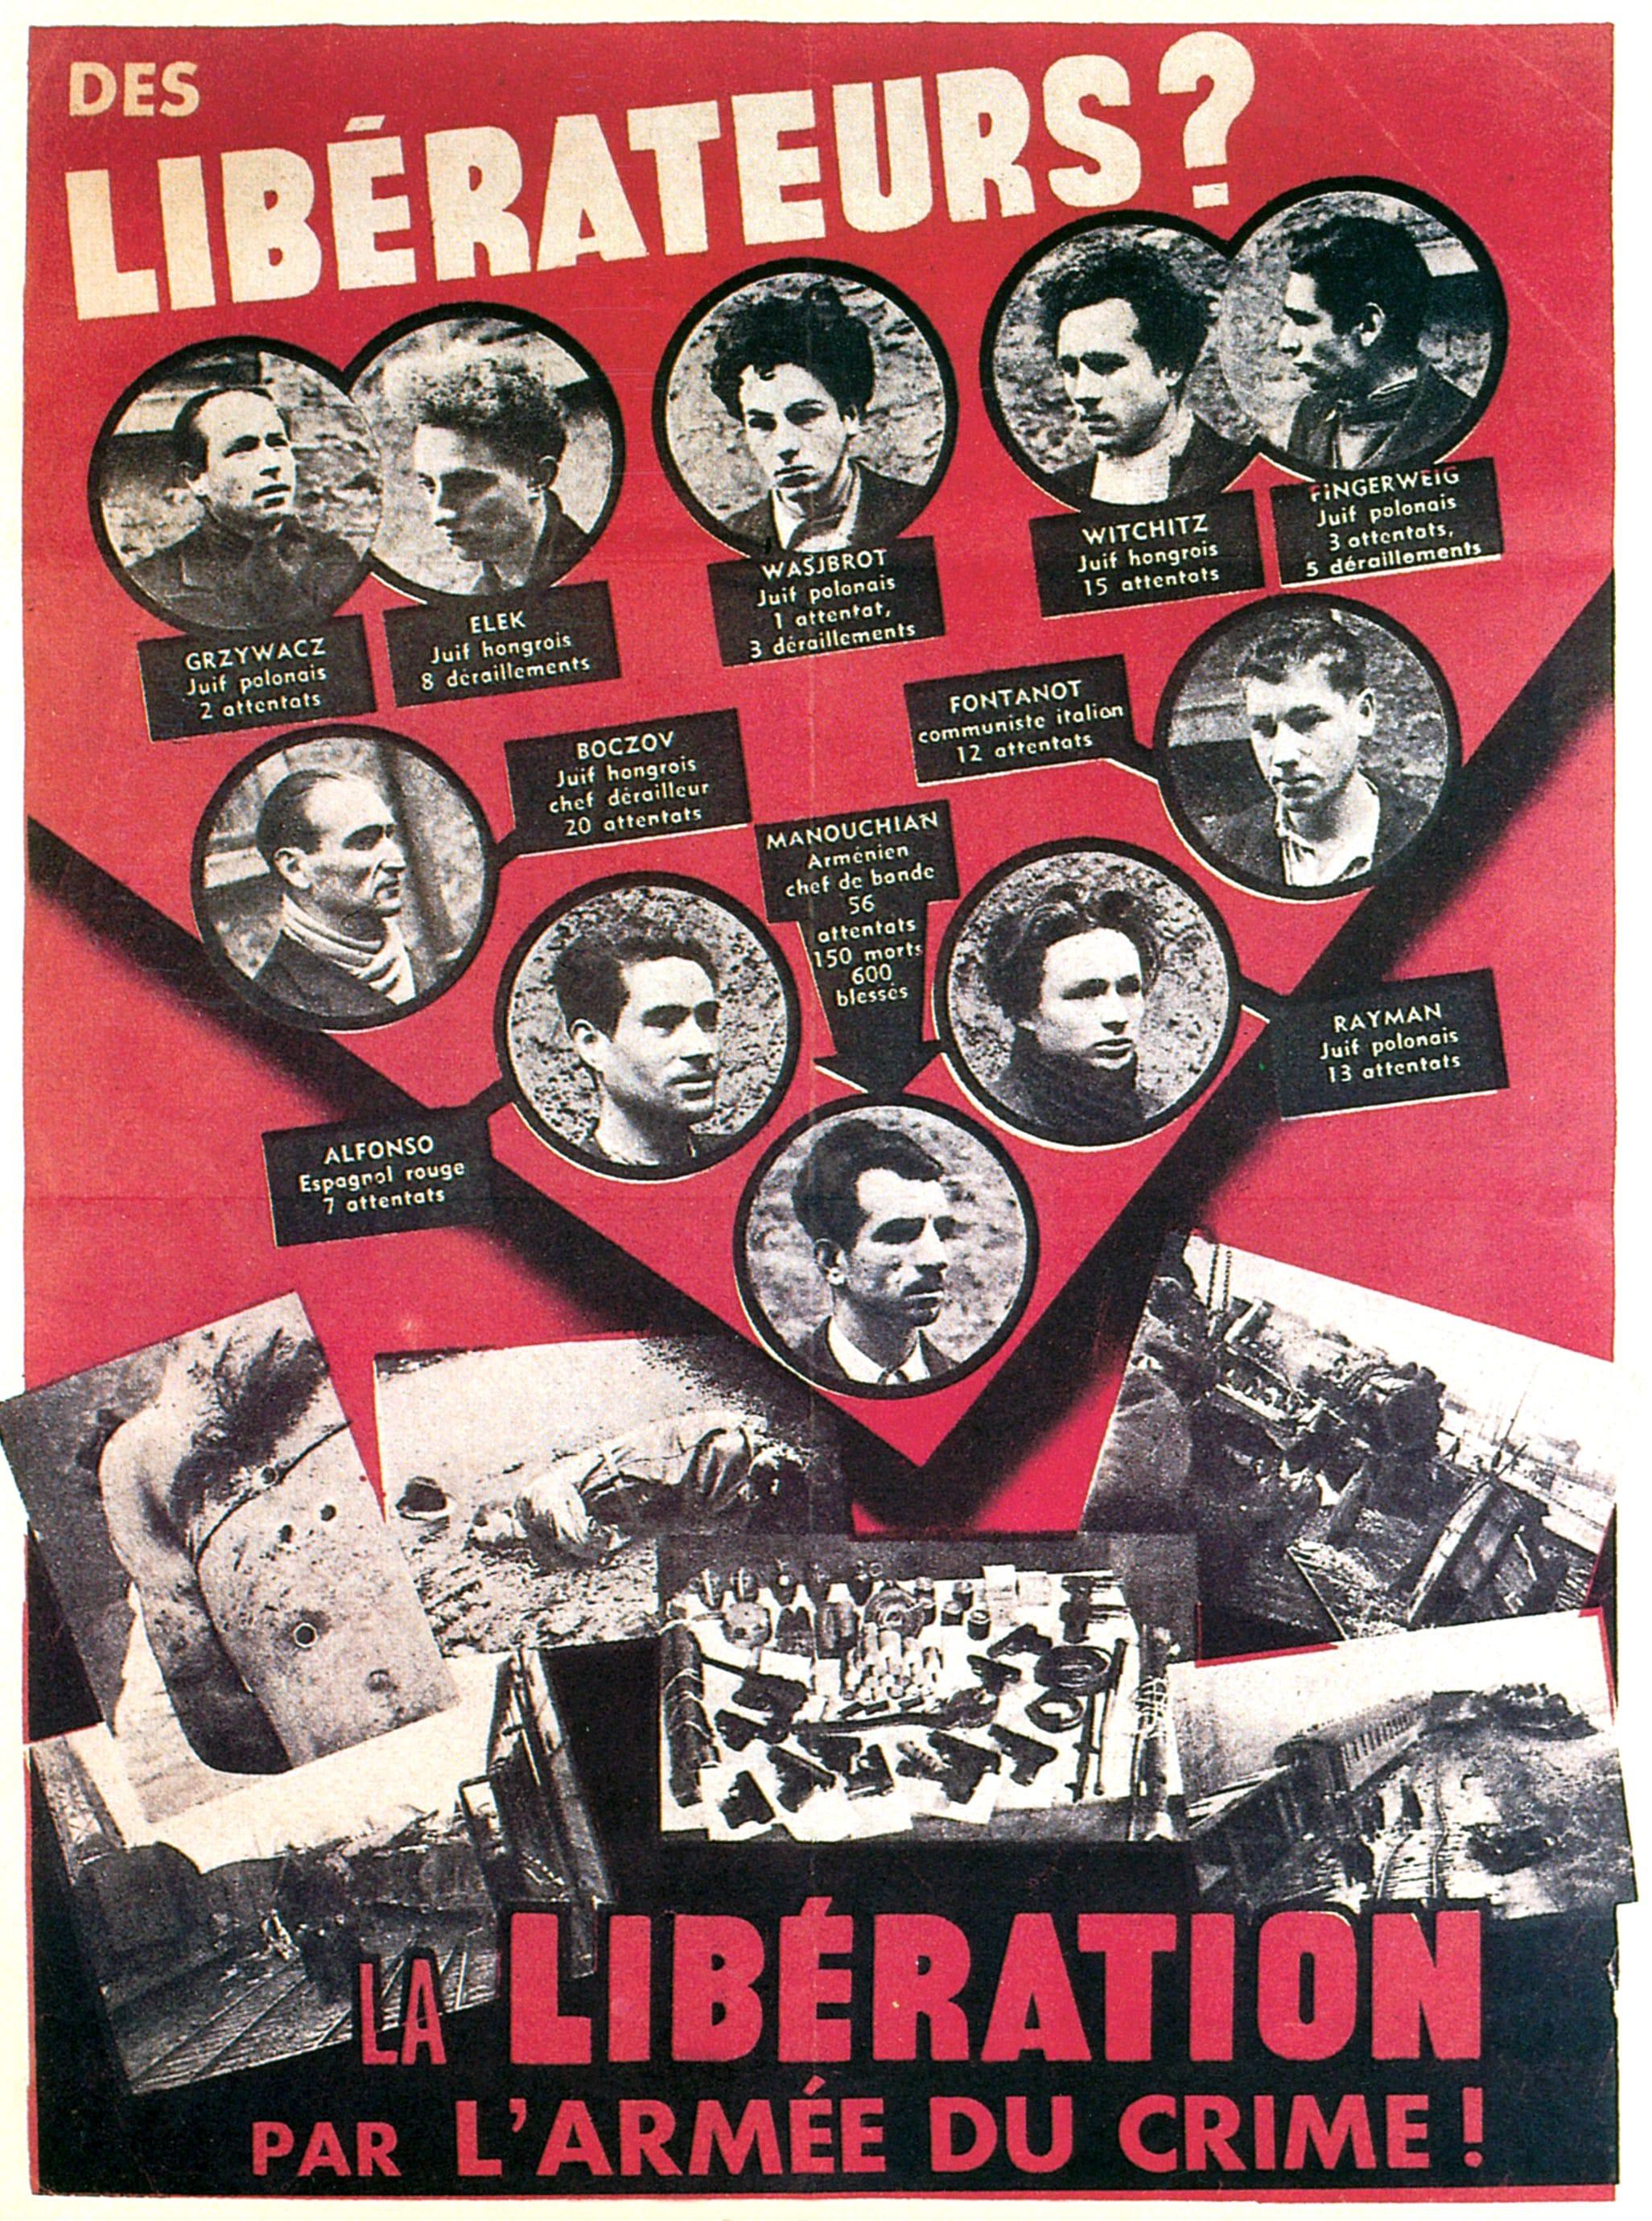 Cérémonie en hommage au groupe Manouchian (Affiche rouge)